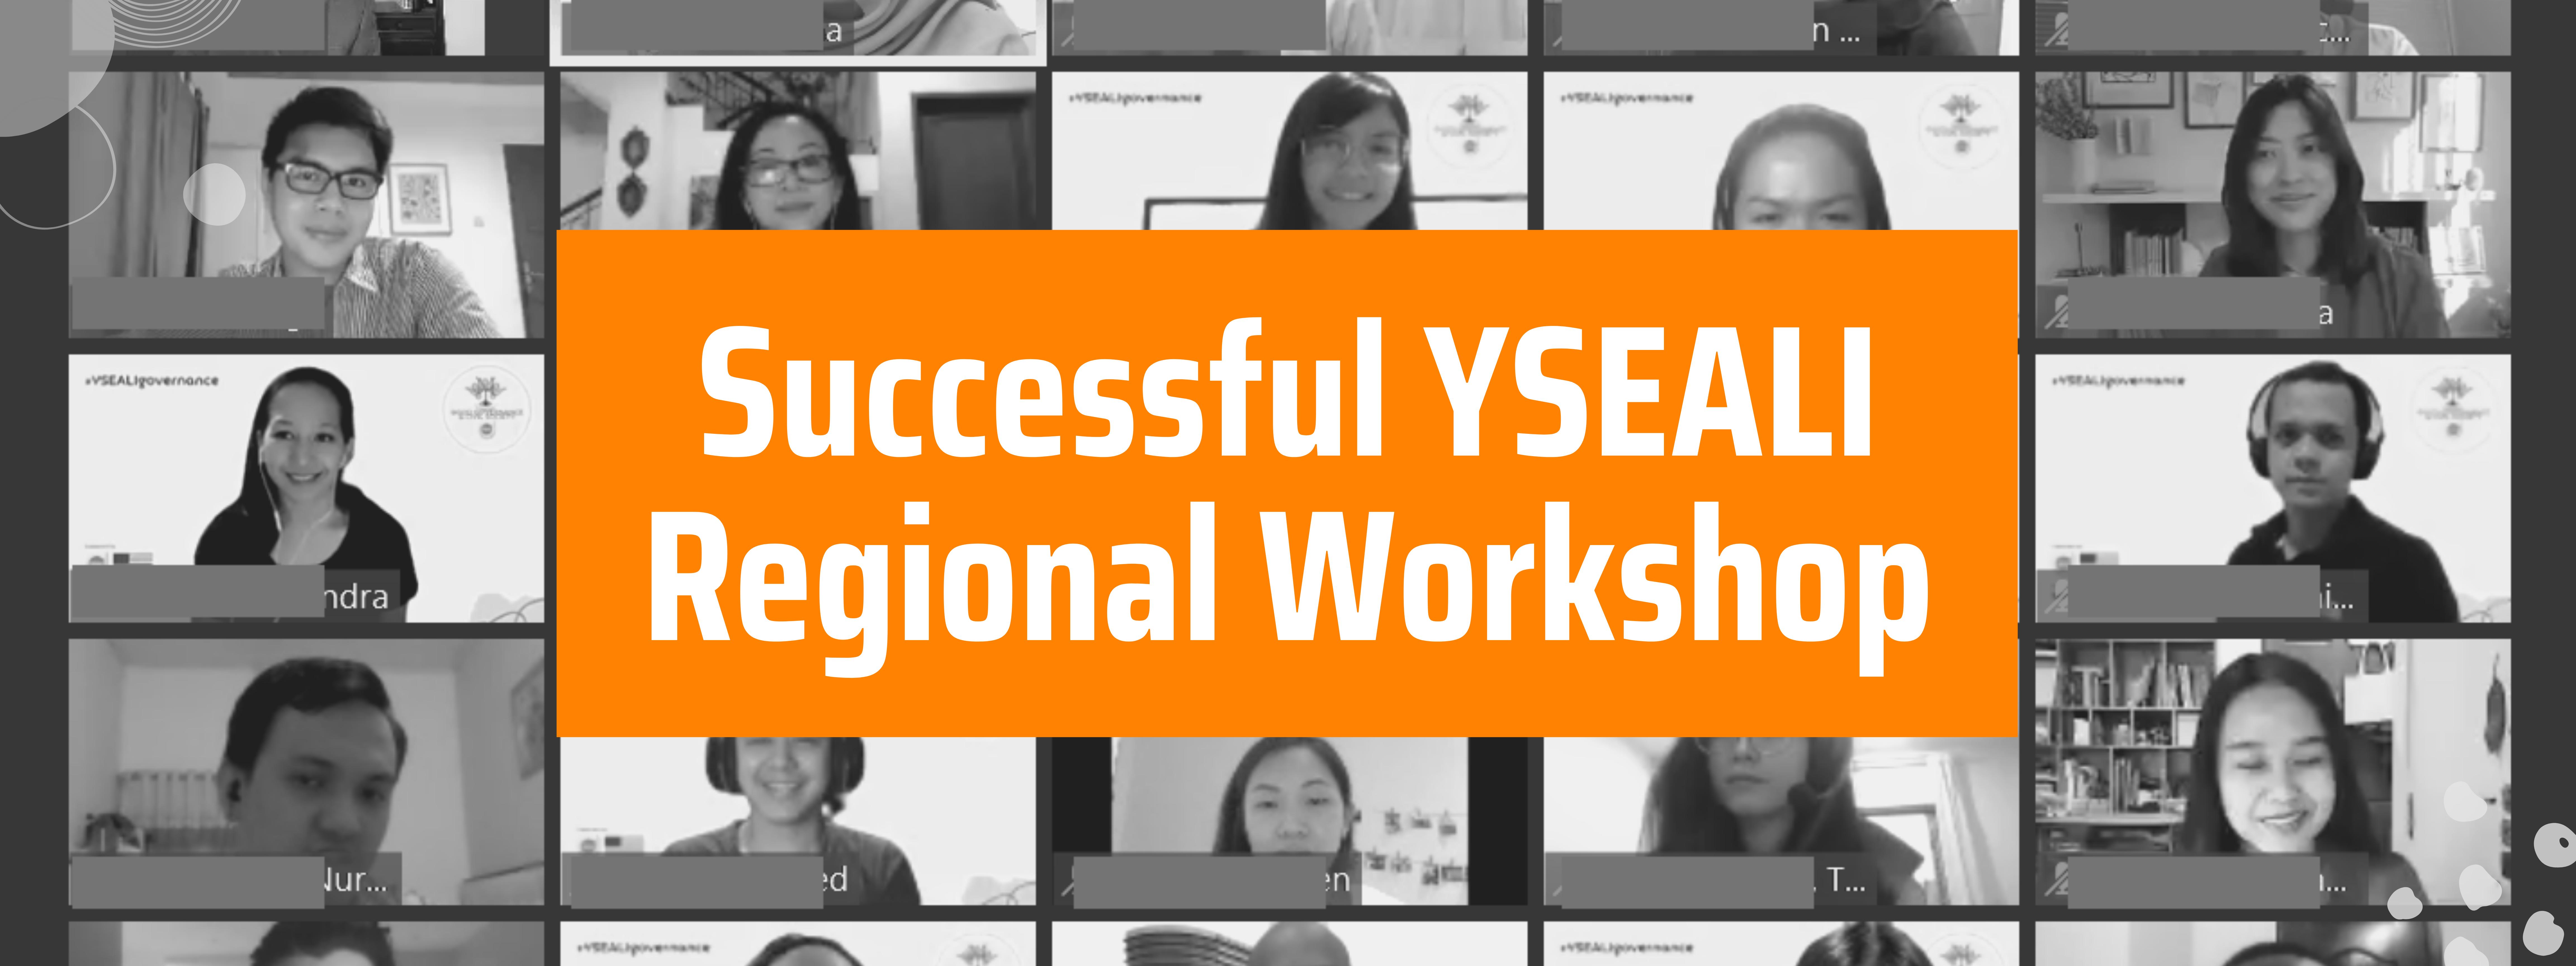 Successful YSEALI Regional Workshop